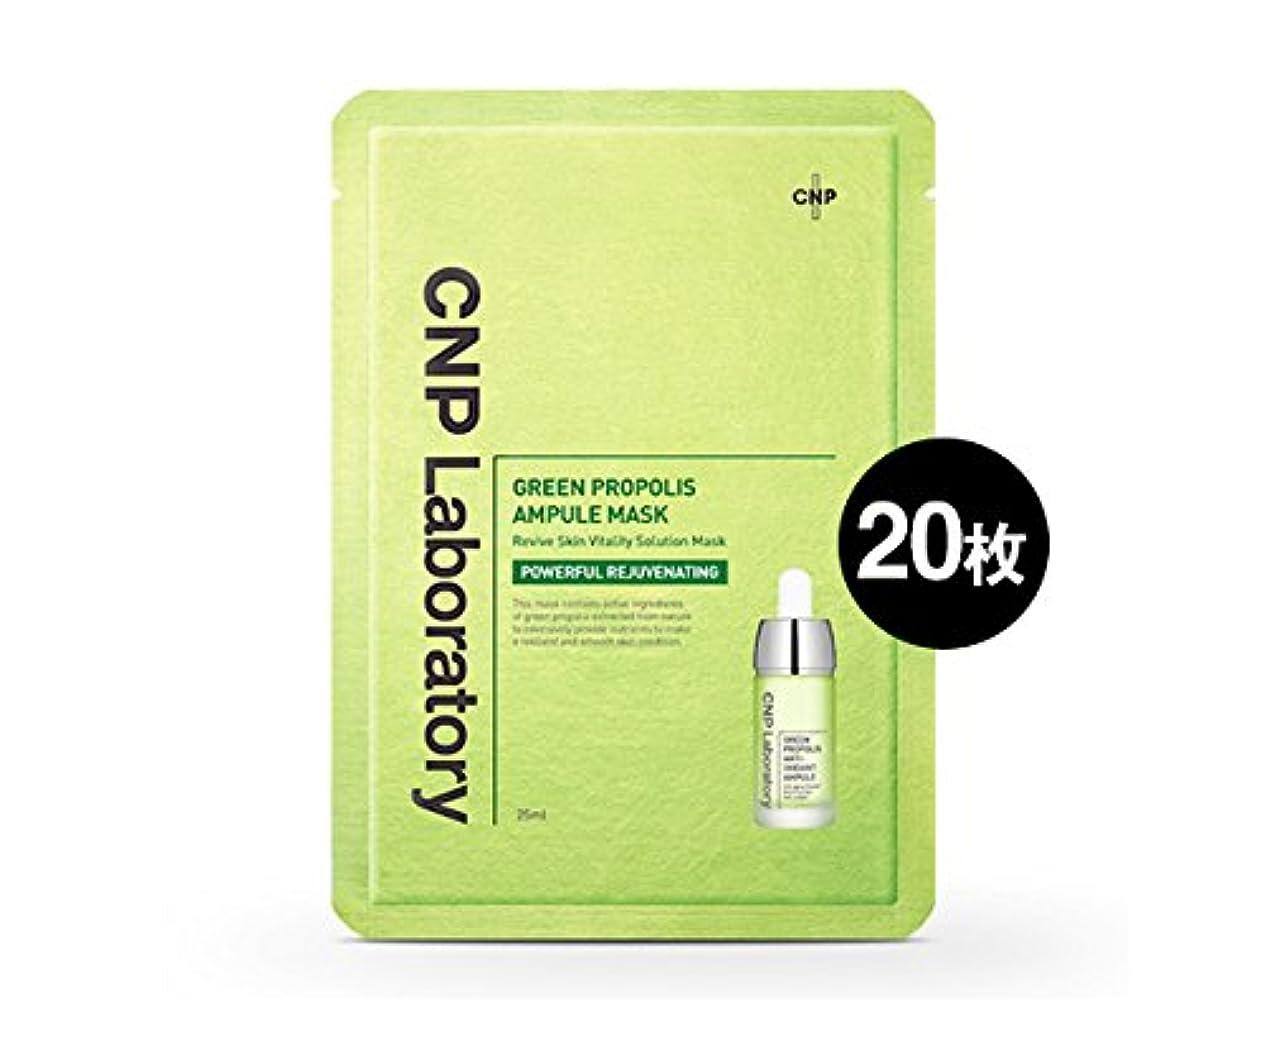 汚れた苦しむ騒乱(チャアンドパク) CNP GREEN PROPOLIS AMPLUE MASK グリーンプロポリスアンプルマスク 25ml x 20枚セット (並行輸入品)